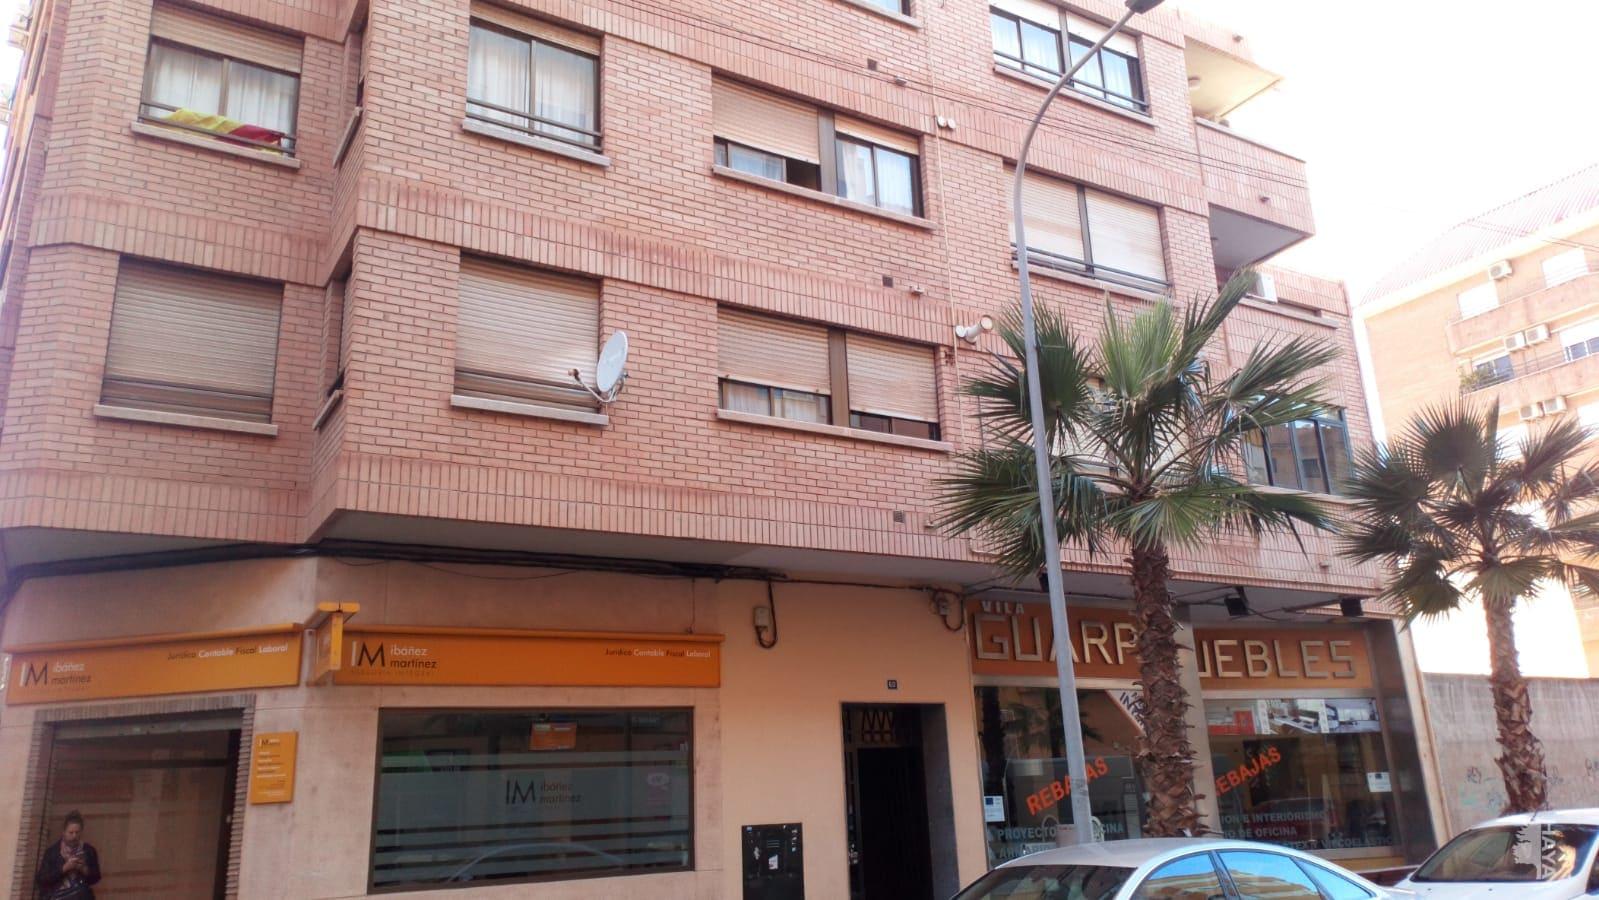 Piso en venta en Vila-real, Castellón, Avenida Pius Xii, 83.456 €, 4 habitaciones, 2 baños, 115 m2